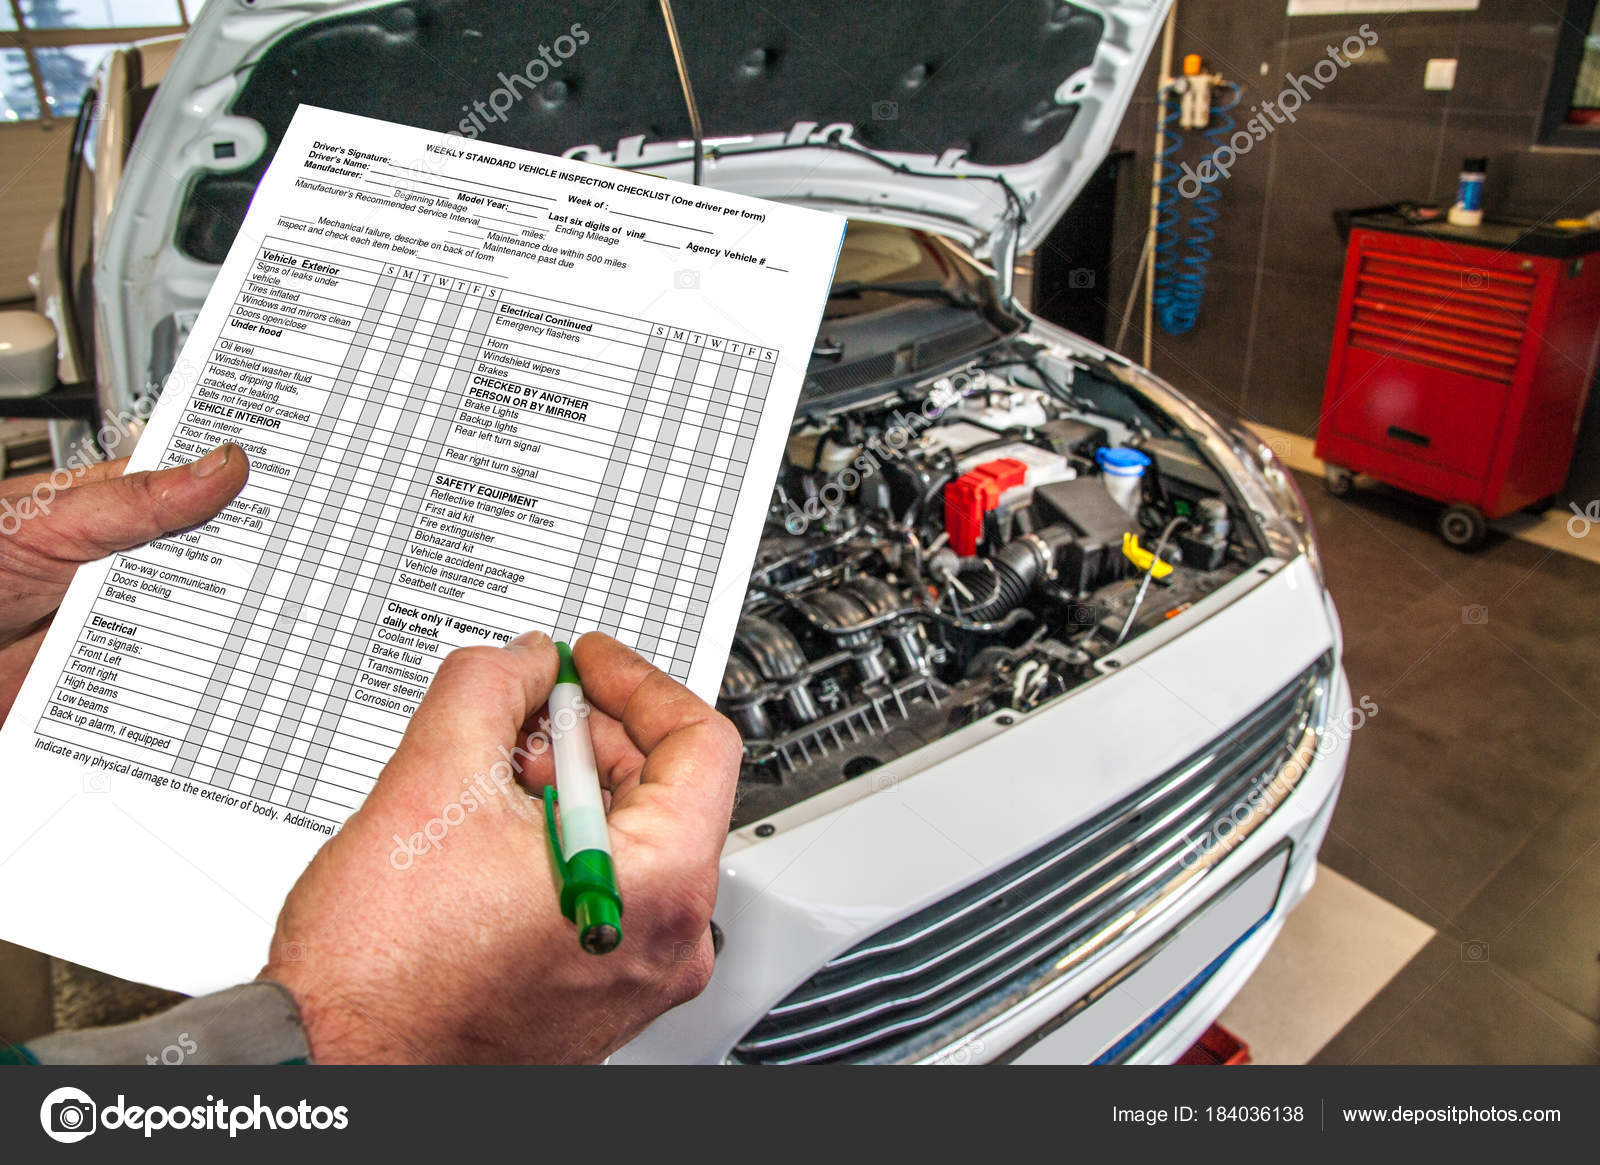 depositphotos_184036138-stock-photo-checklist-checklist-checking-technical-condition